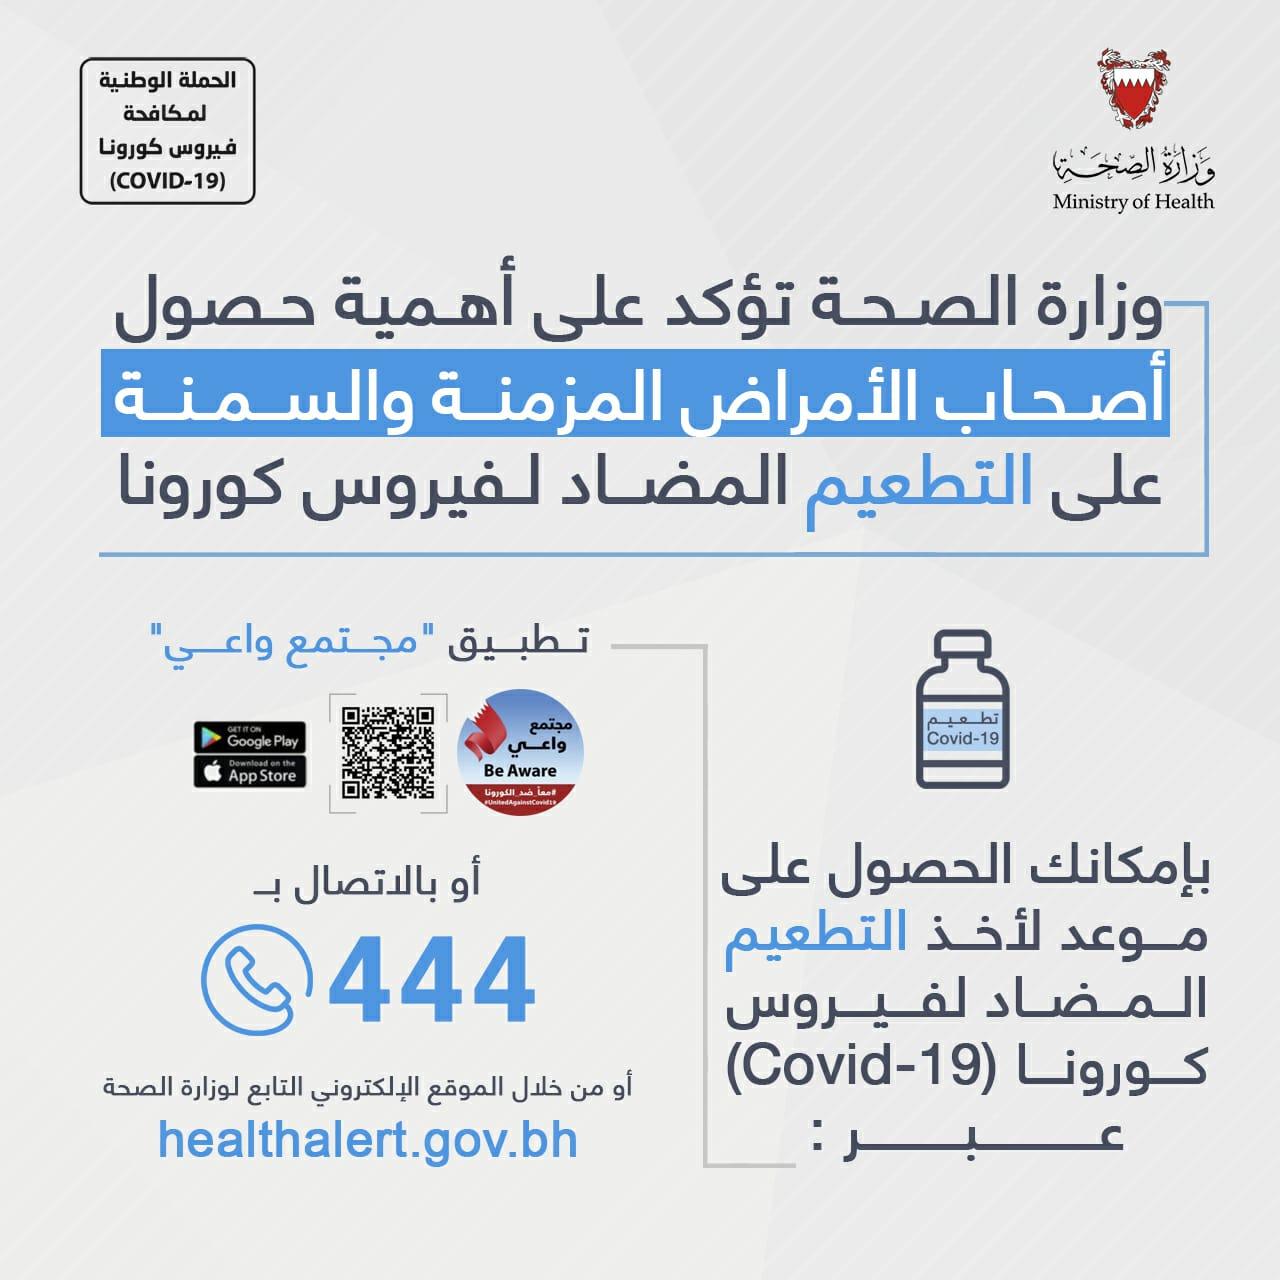 وزارة الصحة تؤكد على أهمية حصول أصحاب الأمراض المزمنة والسمنة على التطعيم المضاد لفيروس كورونا